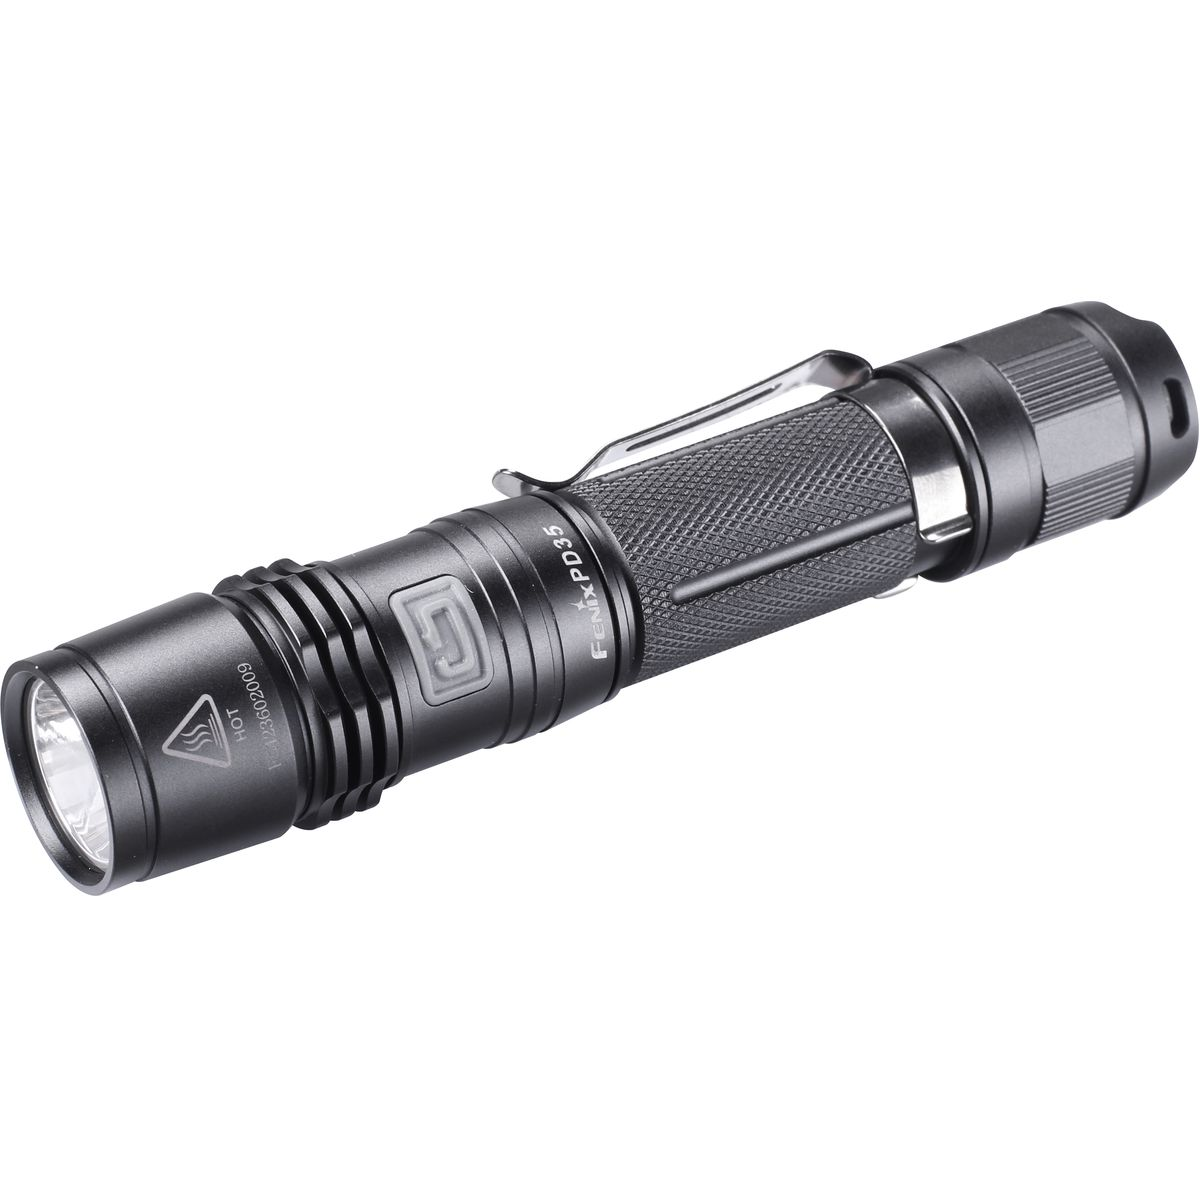 Fenix PD35 Flashlight